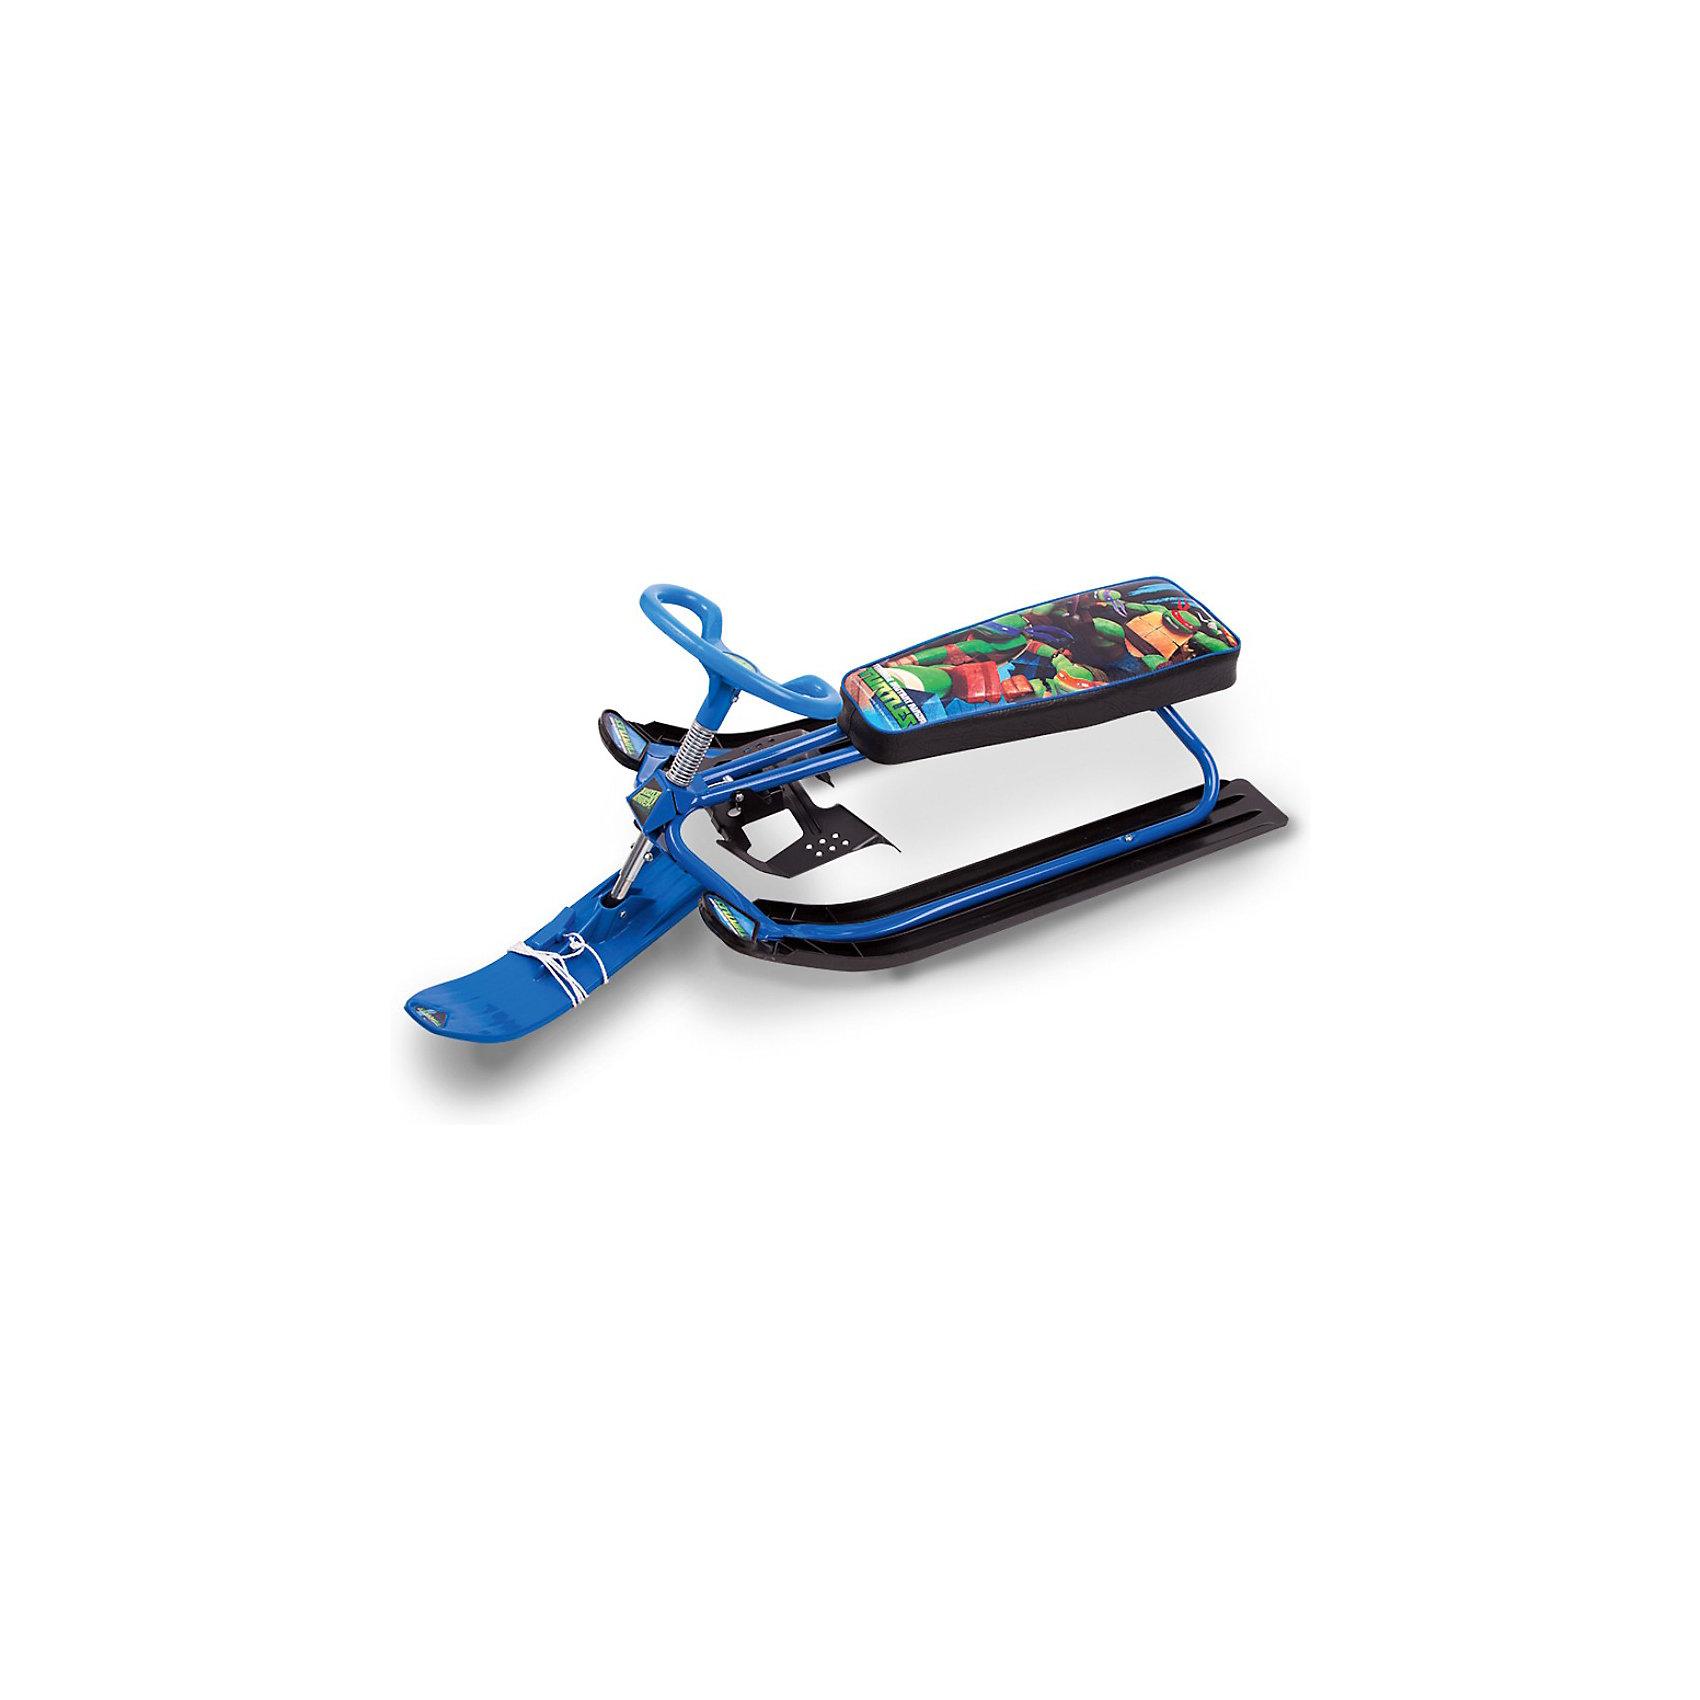 Снегокат, синийХарактеристики снегоката:<br><br>• Предназначение: для зимних подвижных игр<br>• Пол: для мальчика<br>• Цвет: синий, черный<br>• Материал: пластик, текстиль, металл<br>• Количество посадочных мест: 2<br>• Максимально допустимая нагрузка: 50 кг<br>• Тип руля: поворотный, управляемый<br>• Посадочное место: мягкое<br>• Наличие подножки<br>• Наличие тормоза<br>• Наличие буксировочного троса<br>• Размеры: 1 м 18 см*50*42,5 см<br>• Вес: 6 кг<br><br>Для любителей зимних подвижных подвижных игр на свежем воздухе отечественный торговый бренд Gulliver предлагает снегокат повышенной комфортности и безопасности. Выполненный из ударопрочных и безопасных материалов, он, тем не менее, имеет легкий вес, что обеспечивает его маневренность. Модель снегоката сконструирована таким образом, что на нем можно кататься как с горок, так и по ровной снежной поверхности. Высокая устойчивость и защита от переворачивания обеспечивается ширпокими полозьями. Производители также предусмотрели яркий дизайн – мягкое текстильное сидение, выполненное из морозоустойчивого материала, оформлено принтом с любимыми героями всех мальчишек – Черепашками Ниндзя.<br><br>Снегокат, синий, Gulliver доставит удовольствие на зимних прогулках не только вашему ребенку, но и его друзьям!<br><br>Снегокат, синий, Gulliver можно купить в нашем интернет-магазине.<br><br>Подробнее:<br>Для детей в возрасте: от 3 и до 7 лет<br>Номер товара: 3866279<br>Страна производитель: Россия<br><br>Ширина мм: 860<br>Глубина мм: 510<br>Высота мм: 260<br>Вес г: 6000<br>Возраст от месяцев: 36<br>Возраст до месяцев: 84<br>Пол: Унисекс<br>Возраст: Детский<br>SKU: 3866279